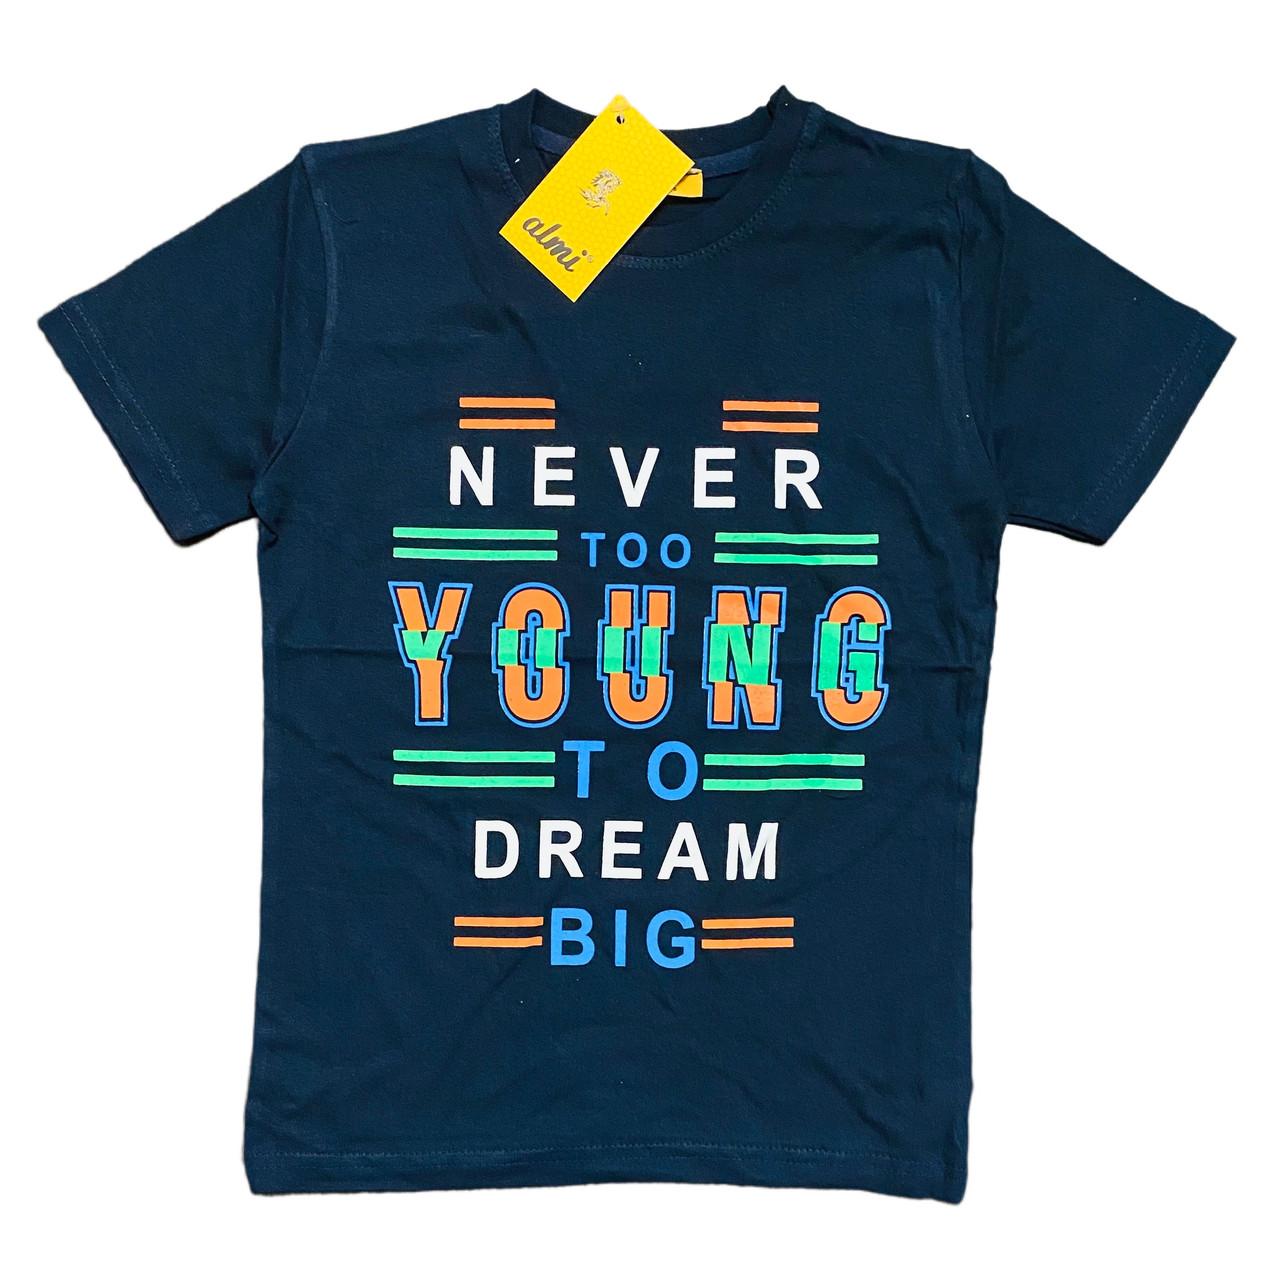 Дитяча футболка для хлопчиків, 152см